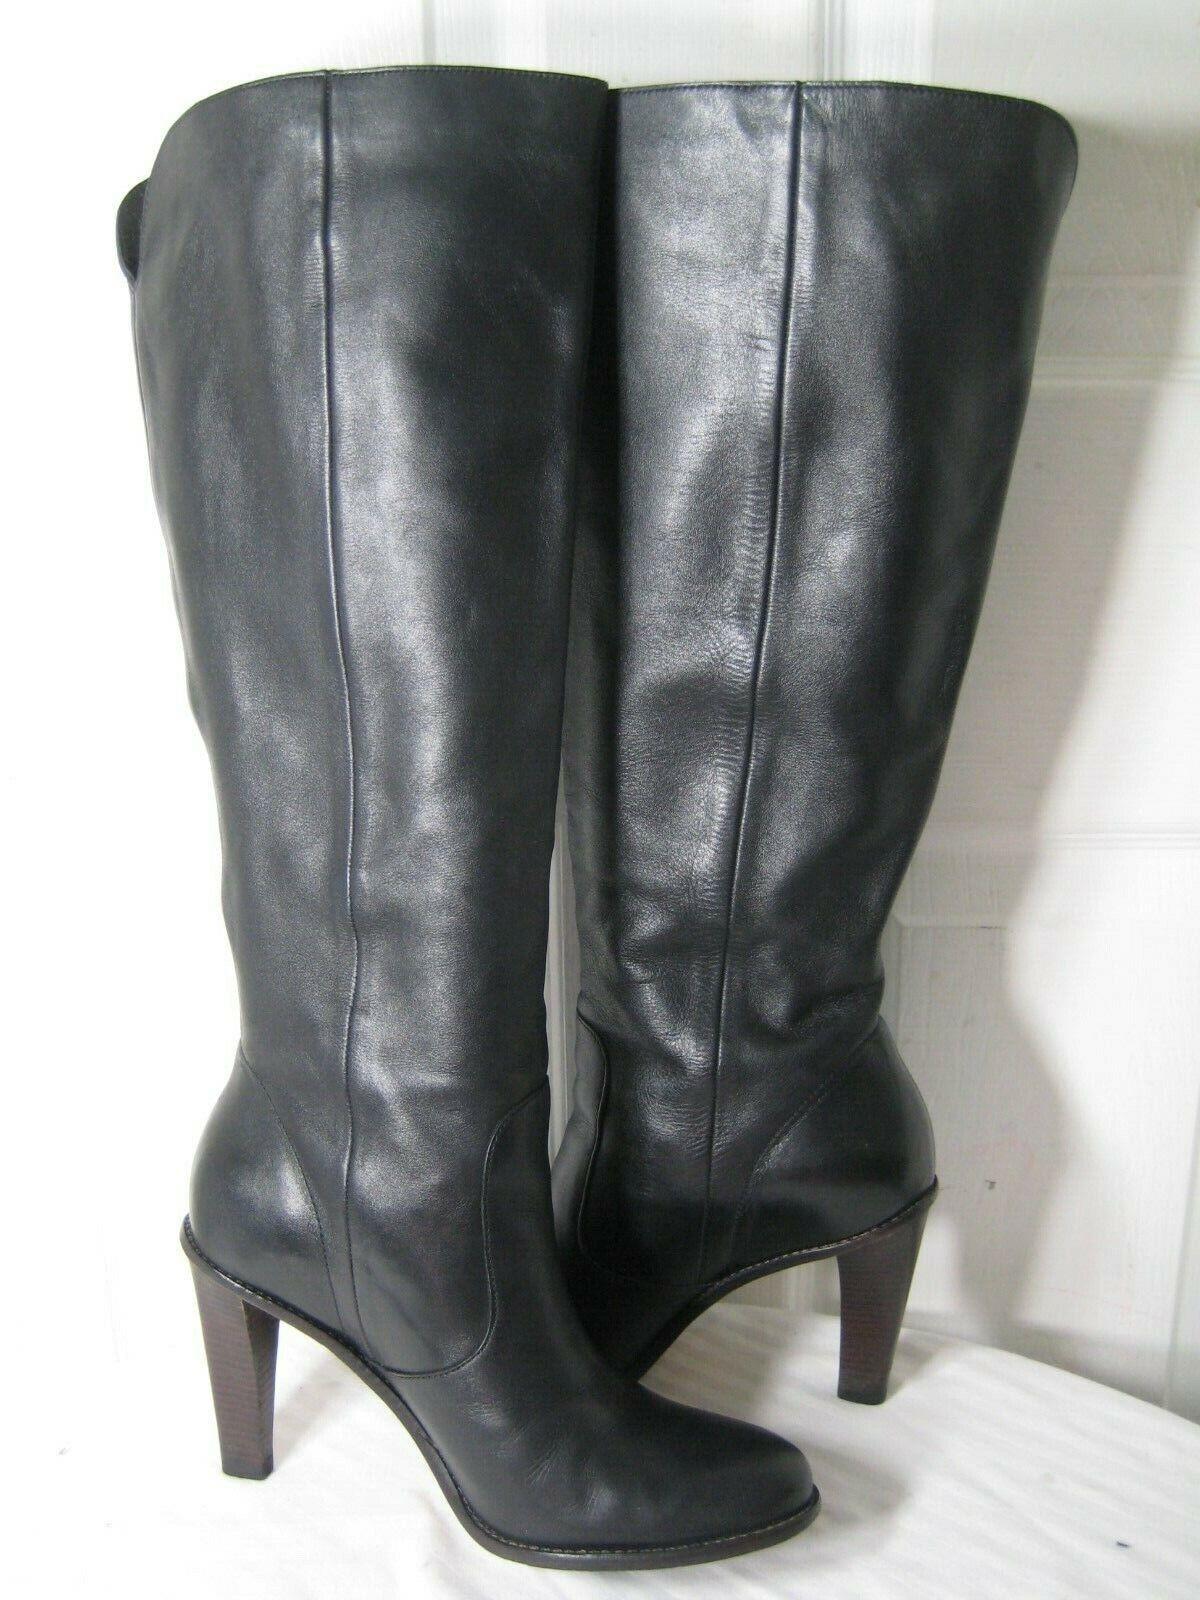 Cole Haan nikeair Negro Cuero zapatos botas de tacón hasta la rodilla para mujer Talla 9 B